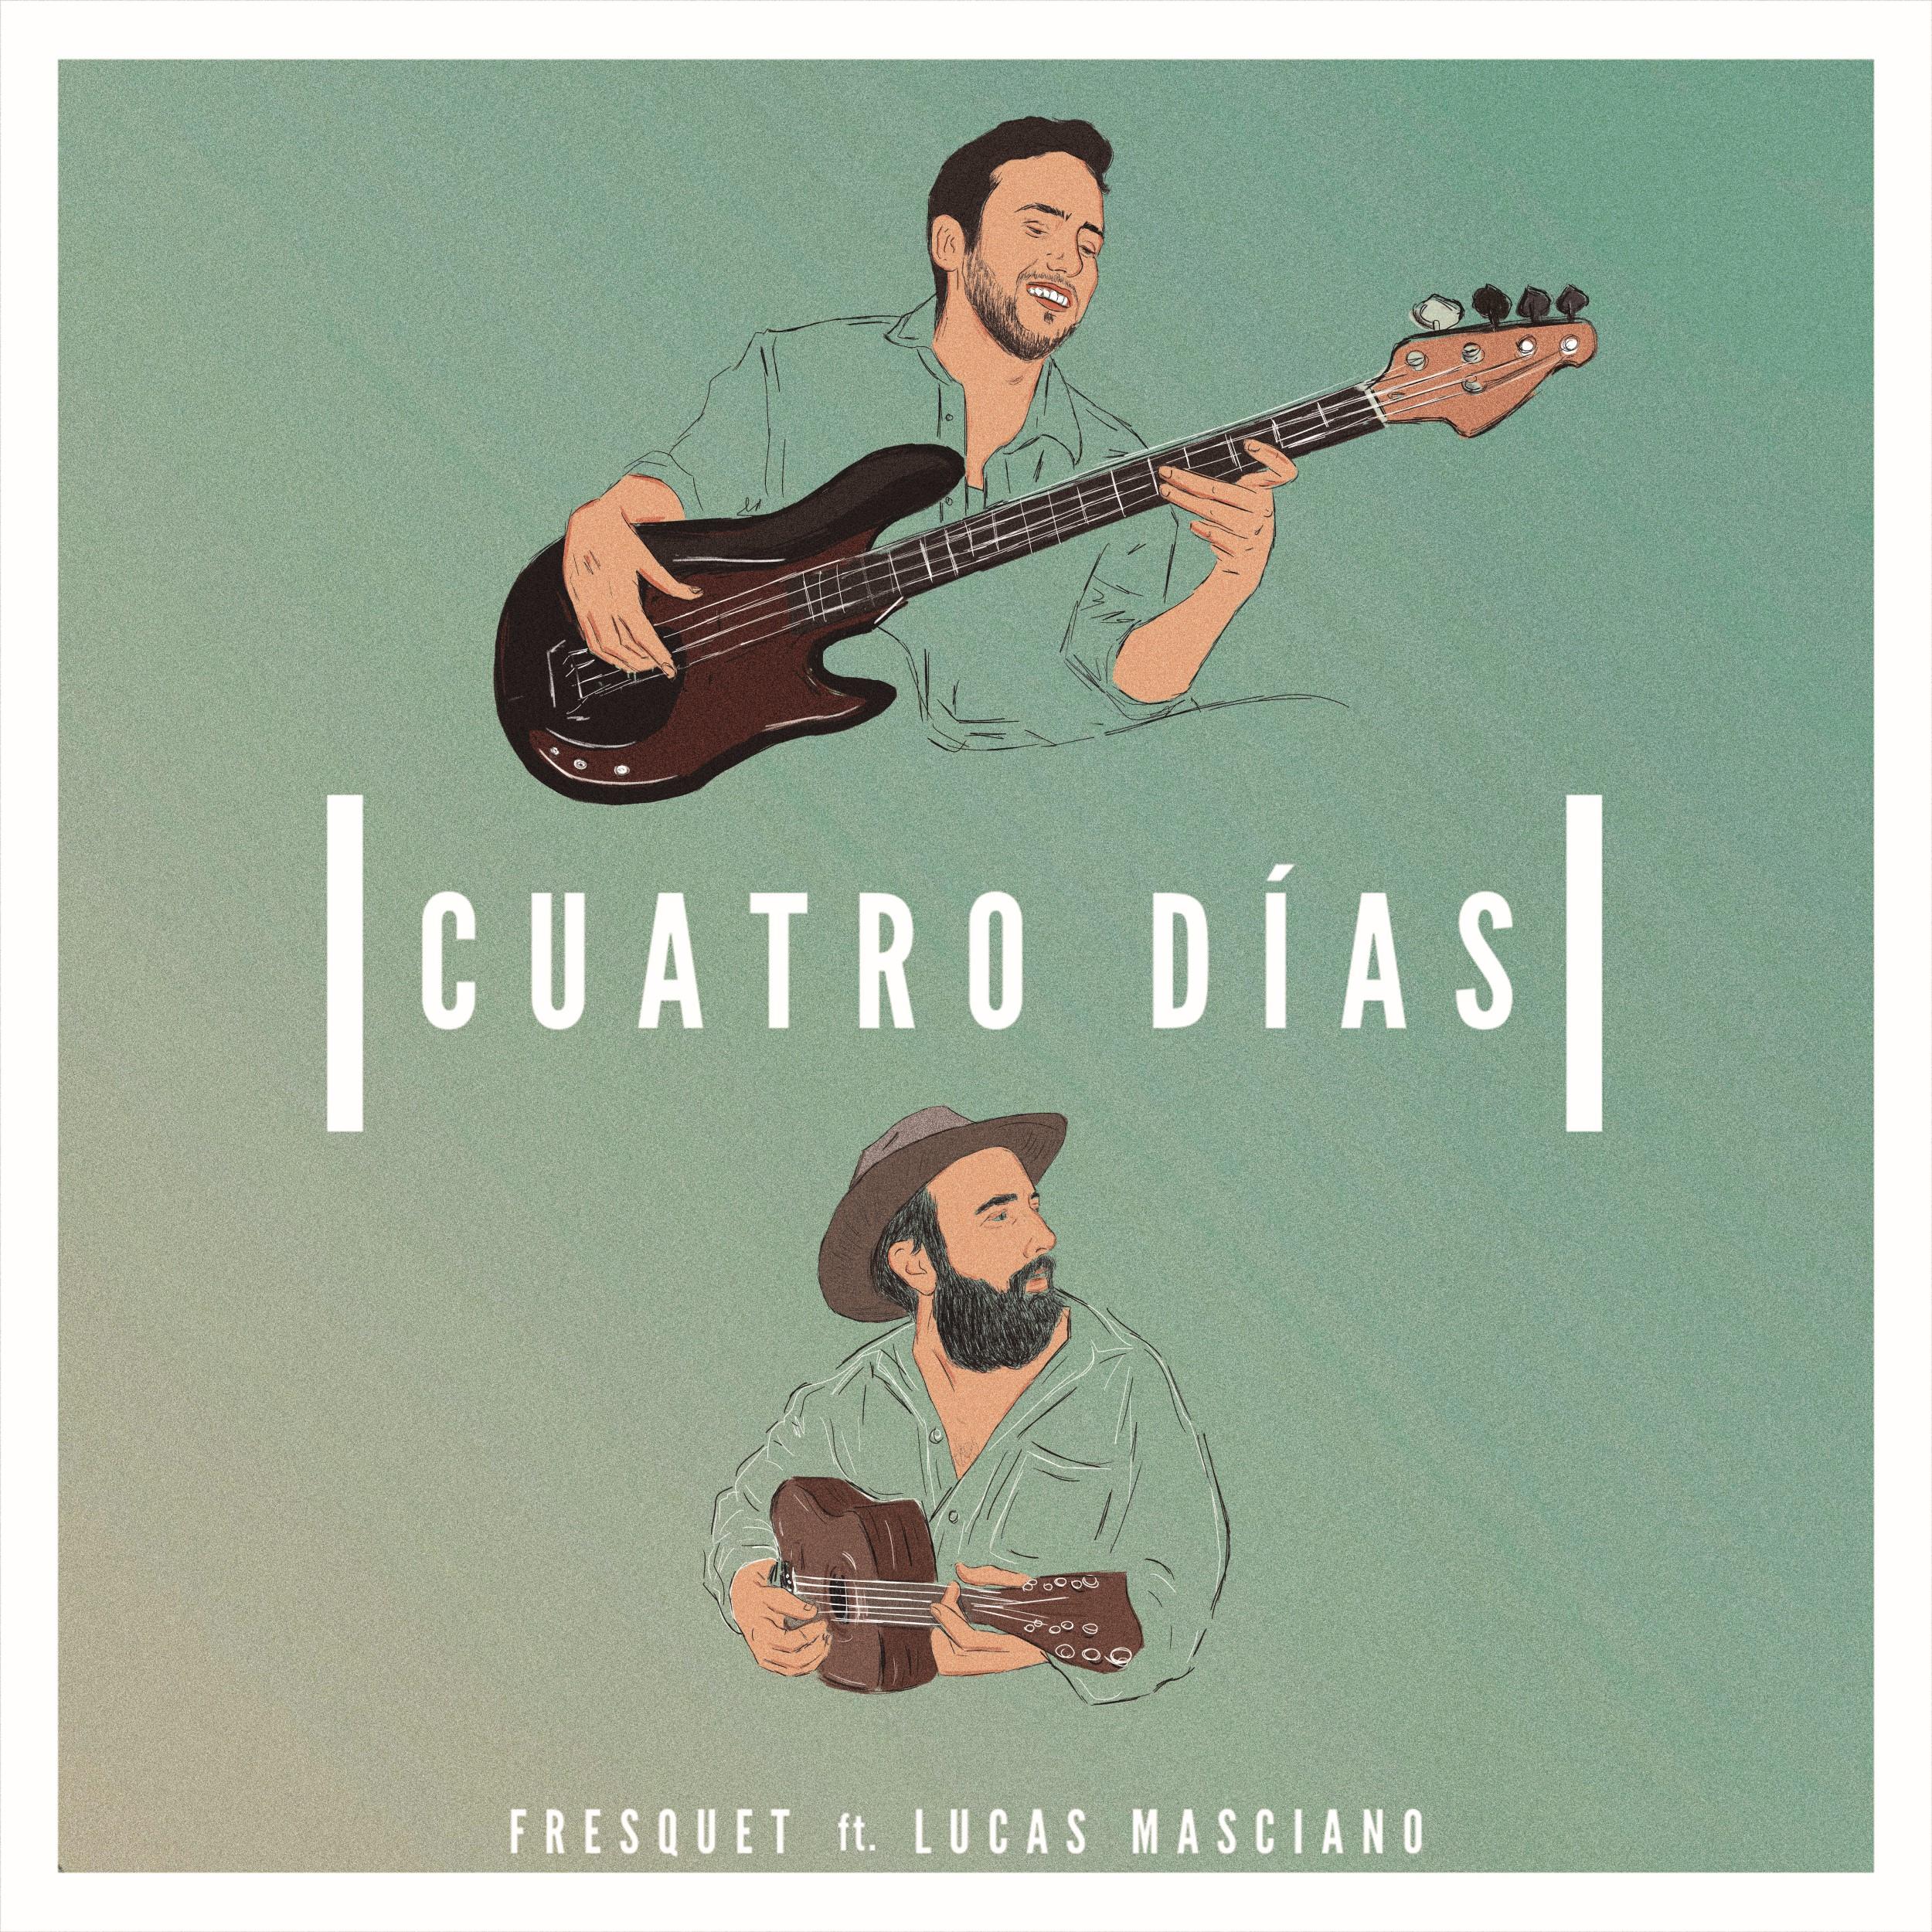 Fresquet (feat. Lucas Masciano) - Cuatro Días